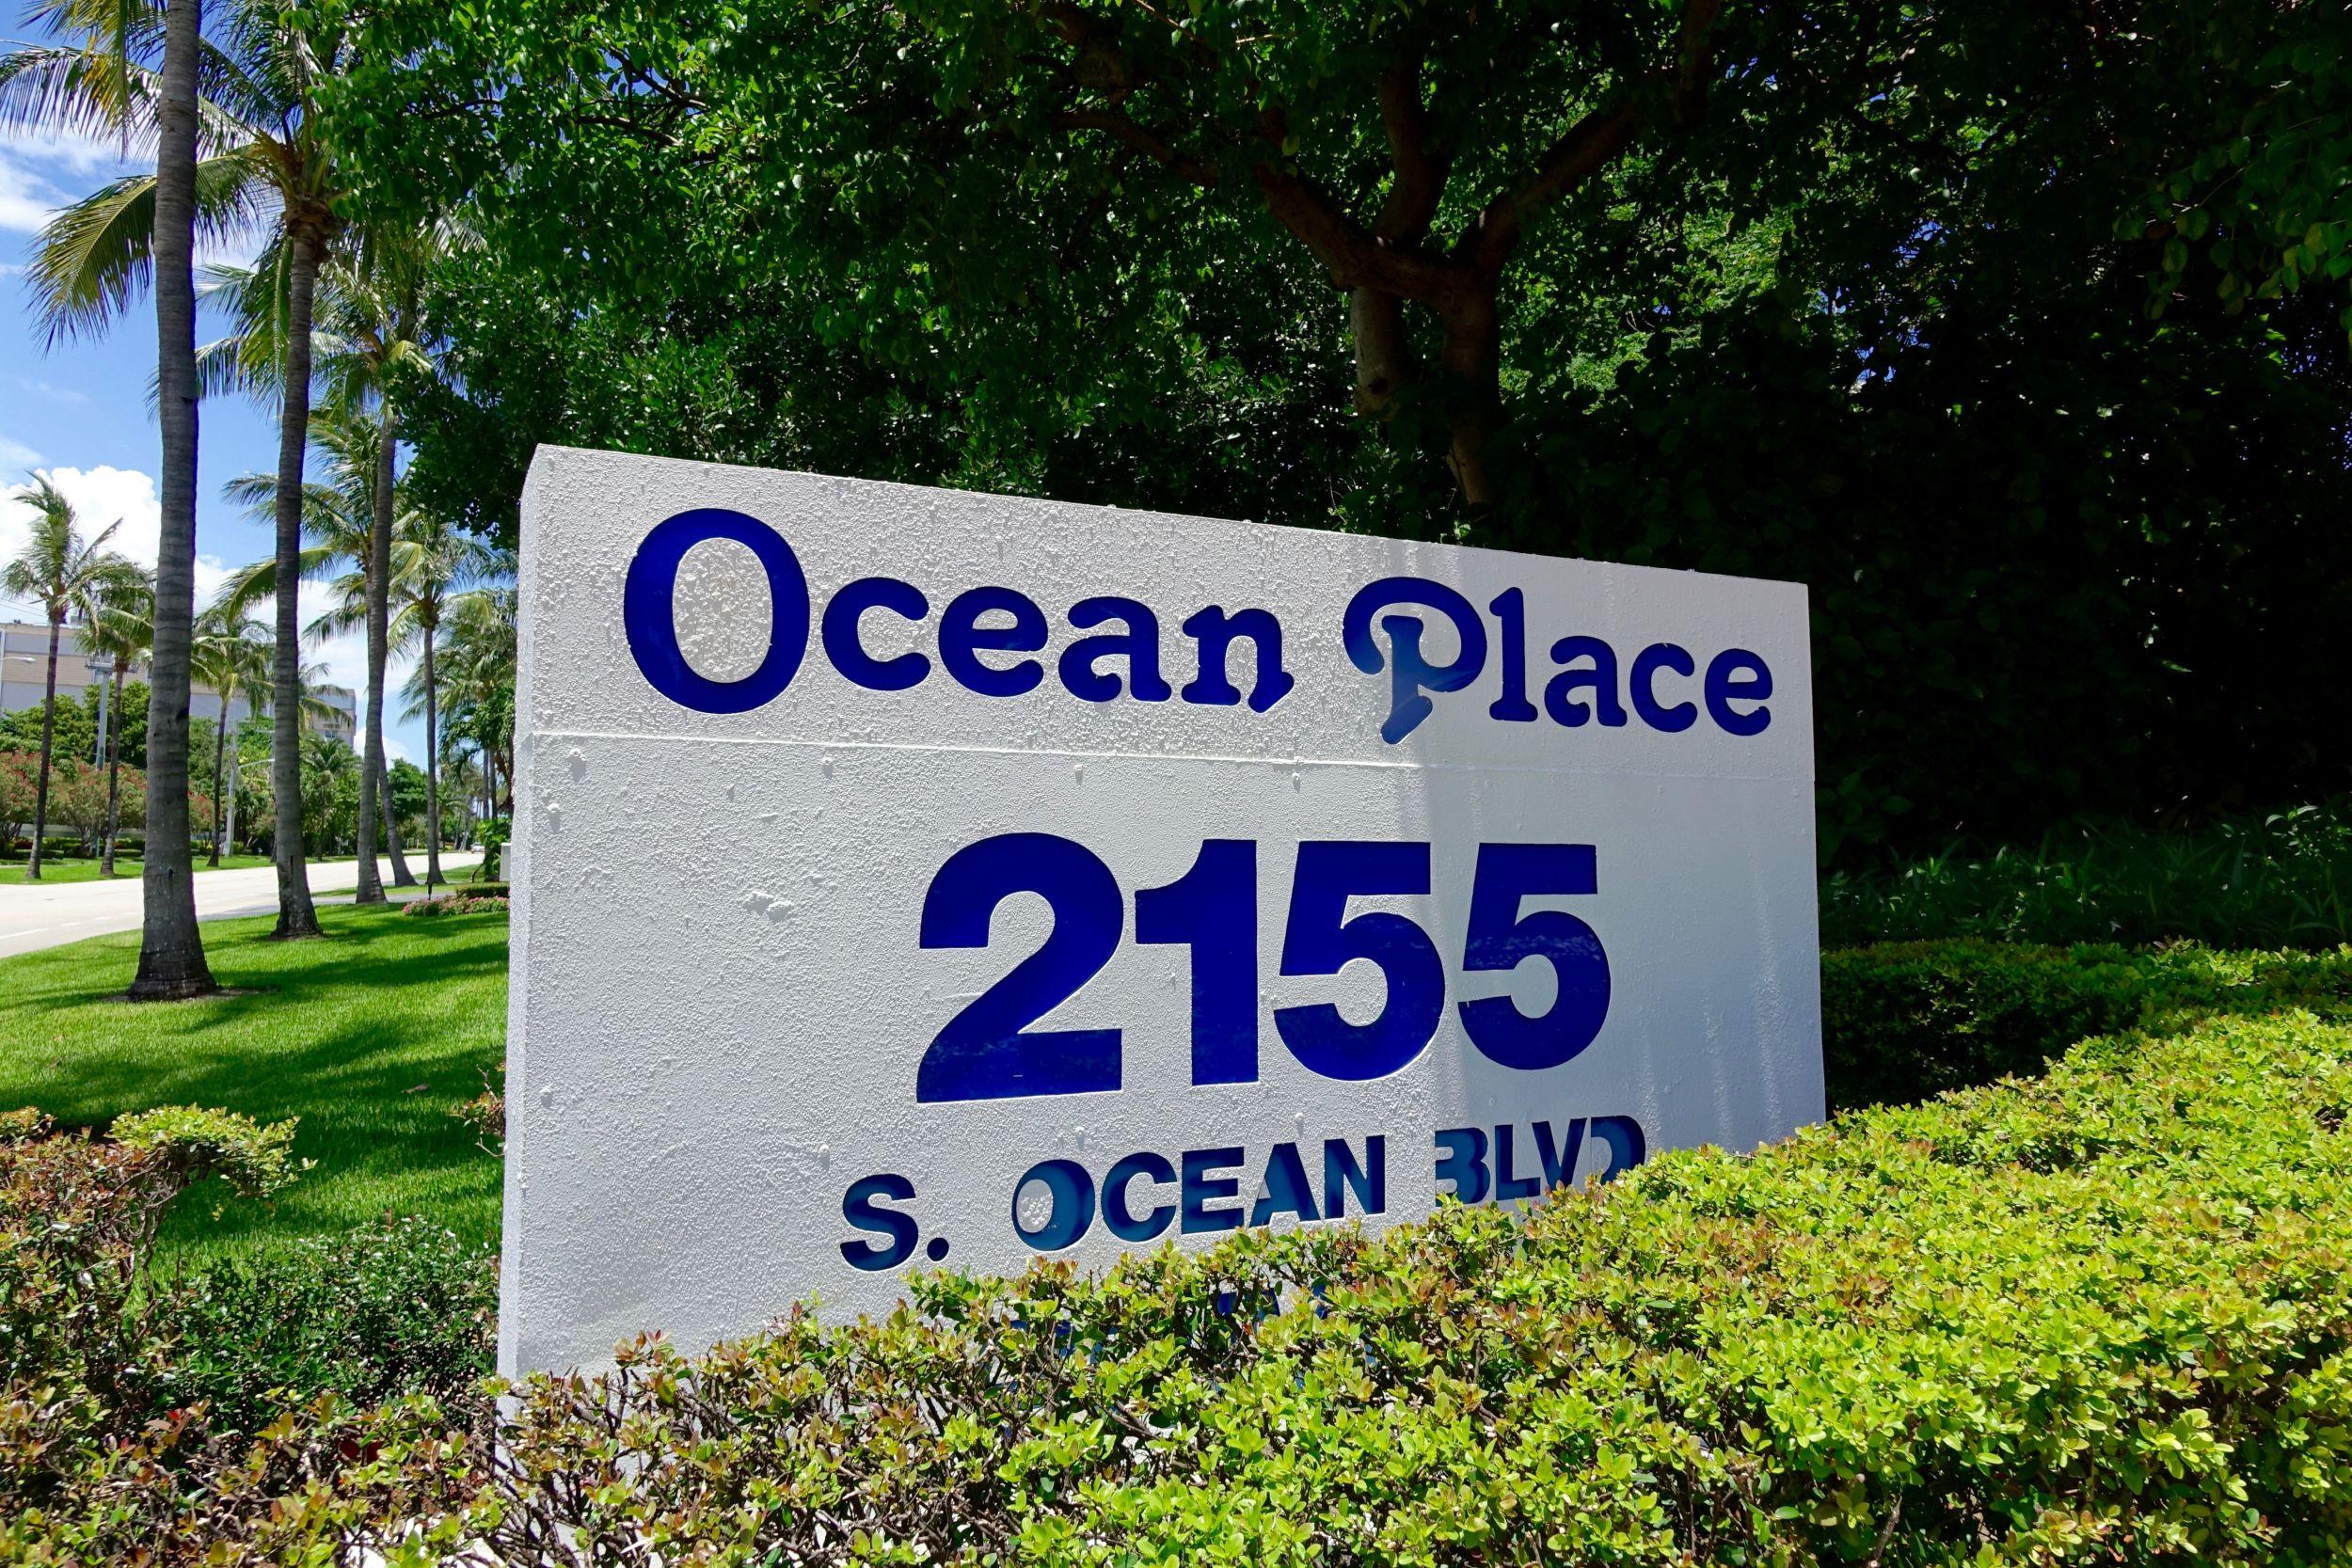 ocean place condos | delray beach